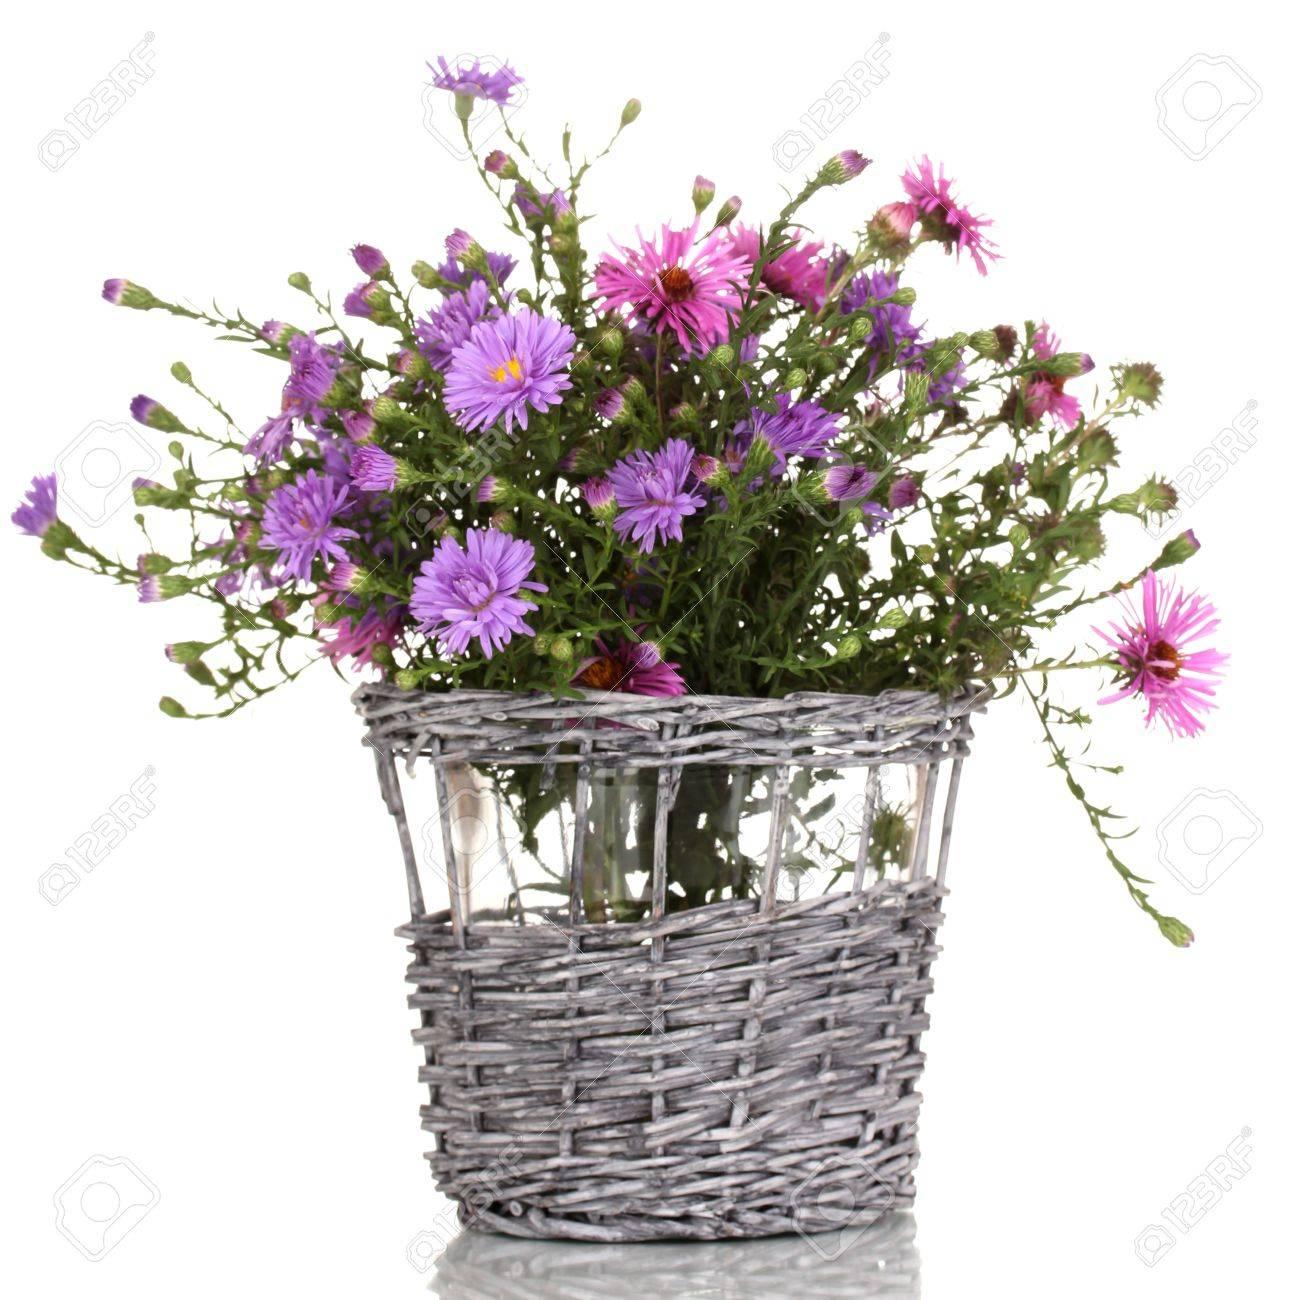 Beautiful bouquet of purple flowers in basket isolated on white beautiful bouquet of purple flowers in basket isolated on white stock photo 15419472 mightylinksfo